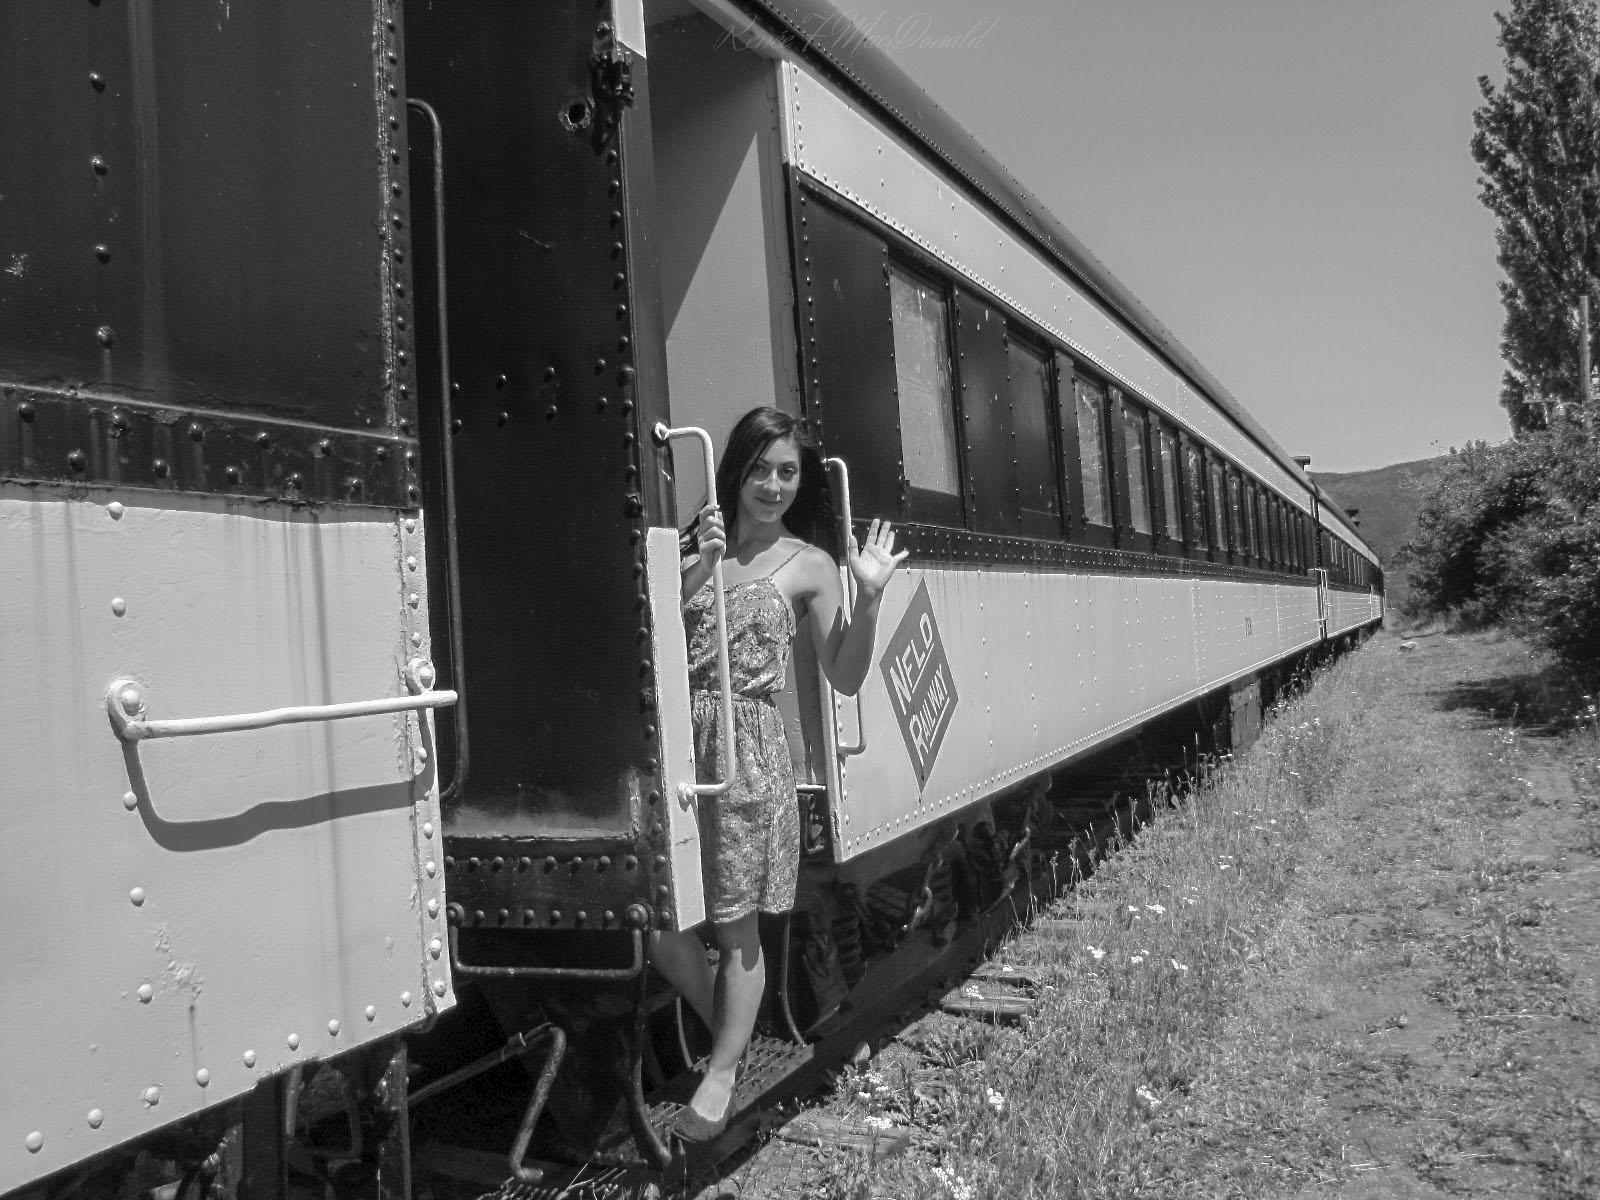 NFLD_Railway